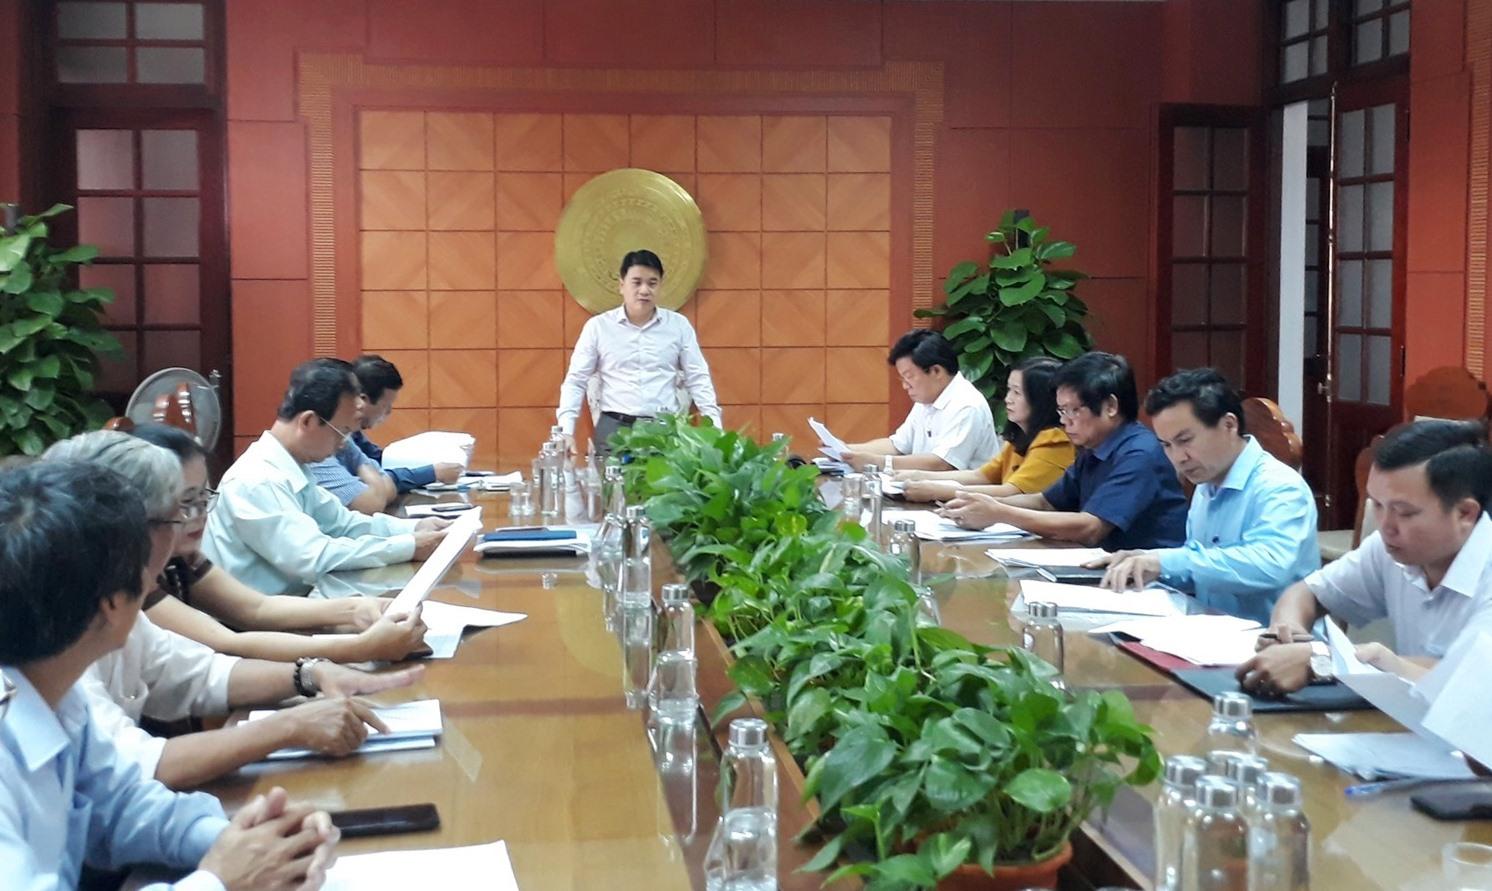 Phó Chủ tịch UBND tỉnh Trần Văn Tân chủ trì cuộc họp Hội đồng xét tặng danh hiệu nhà giáo ưu tú tỉnh. Ảnh: X.P